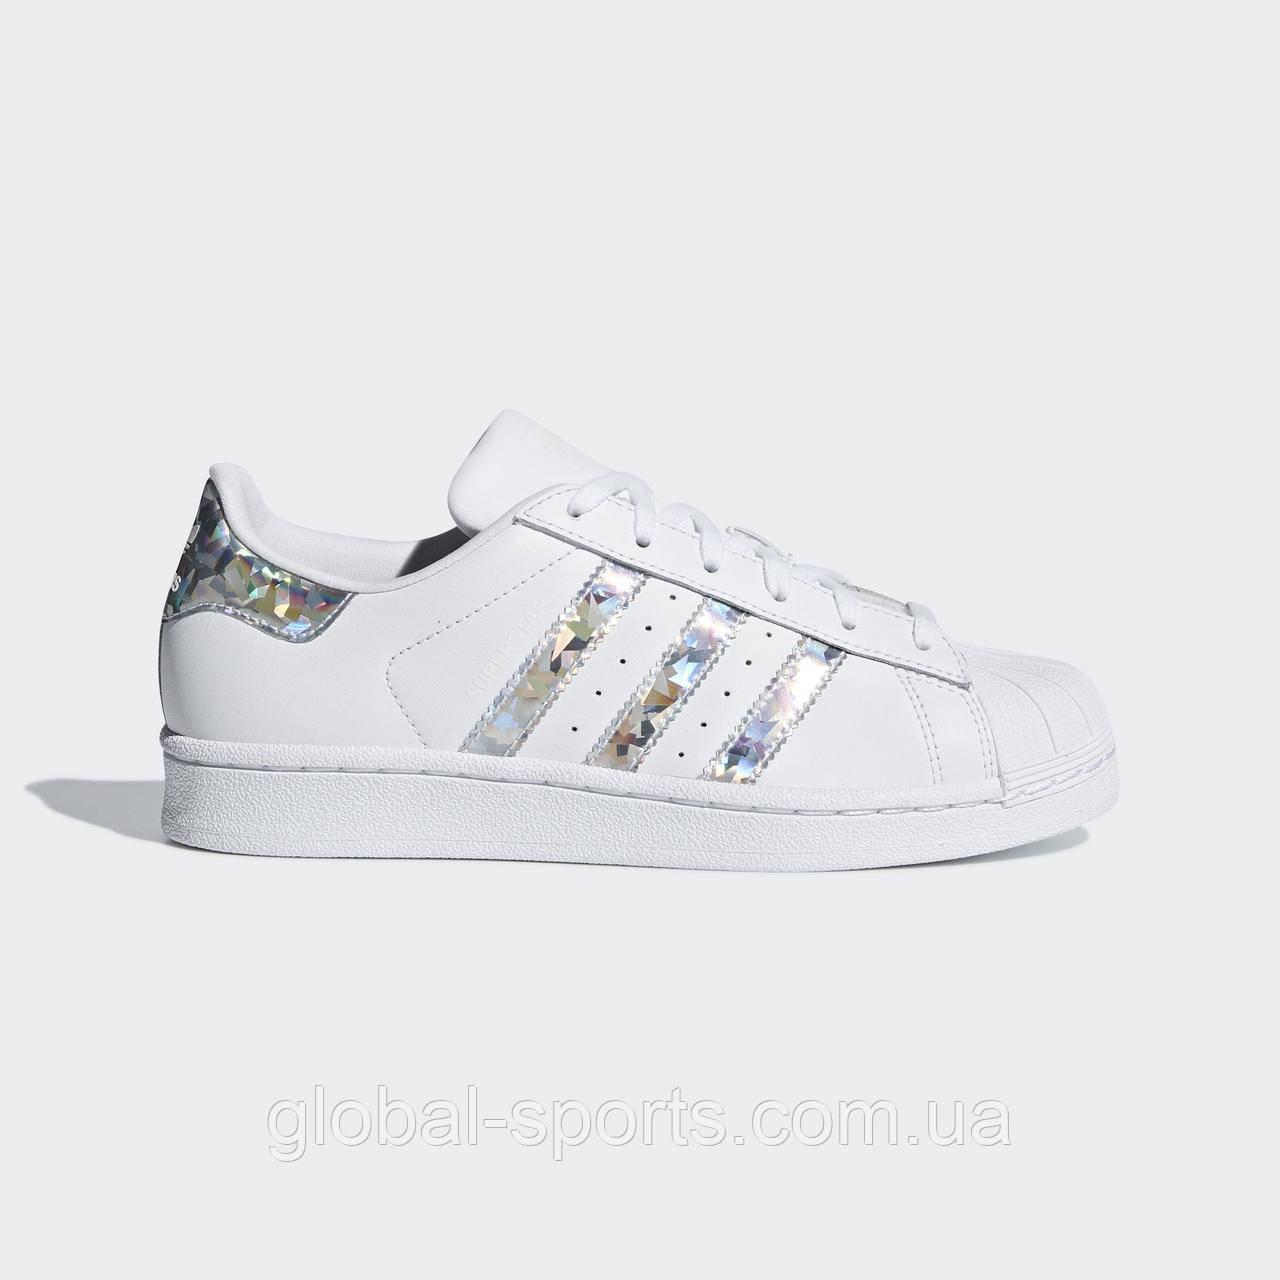 Дитячі кросівки Adidas Superstar(Артикул:F33889)